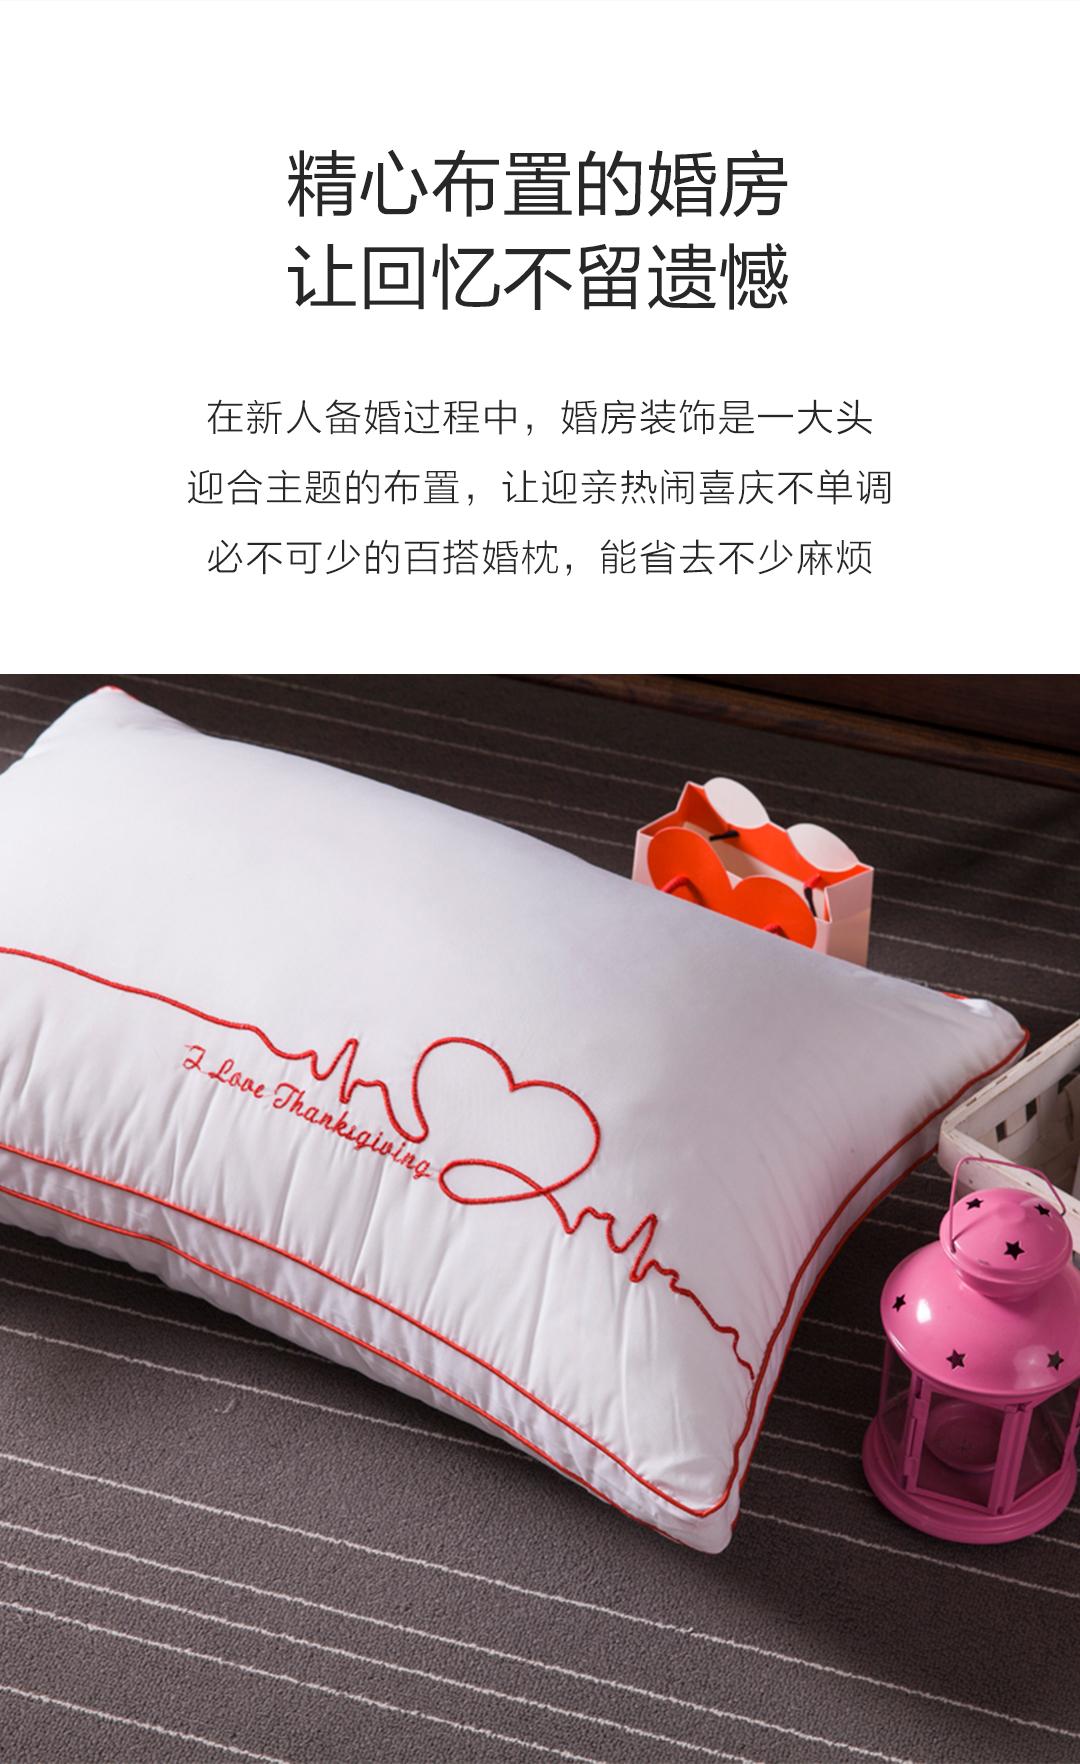 【一对装】西式爱心波浪刺绣羽丝绒枕